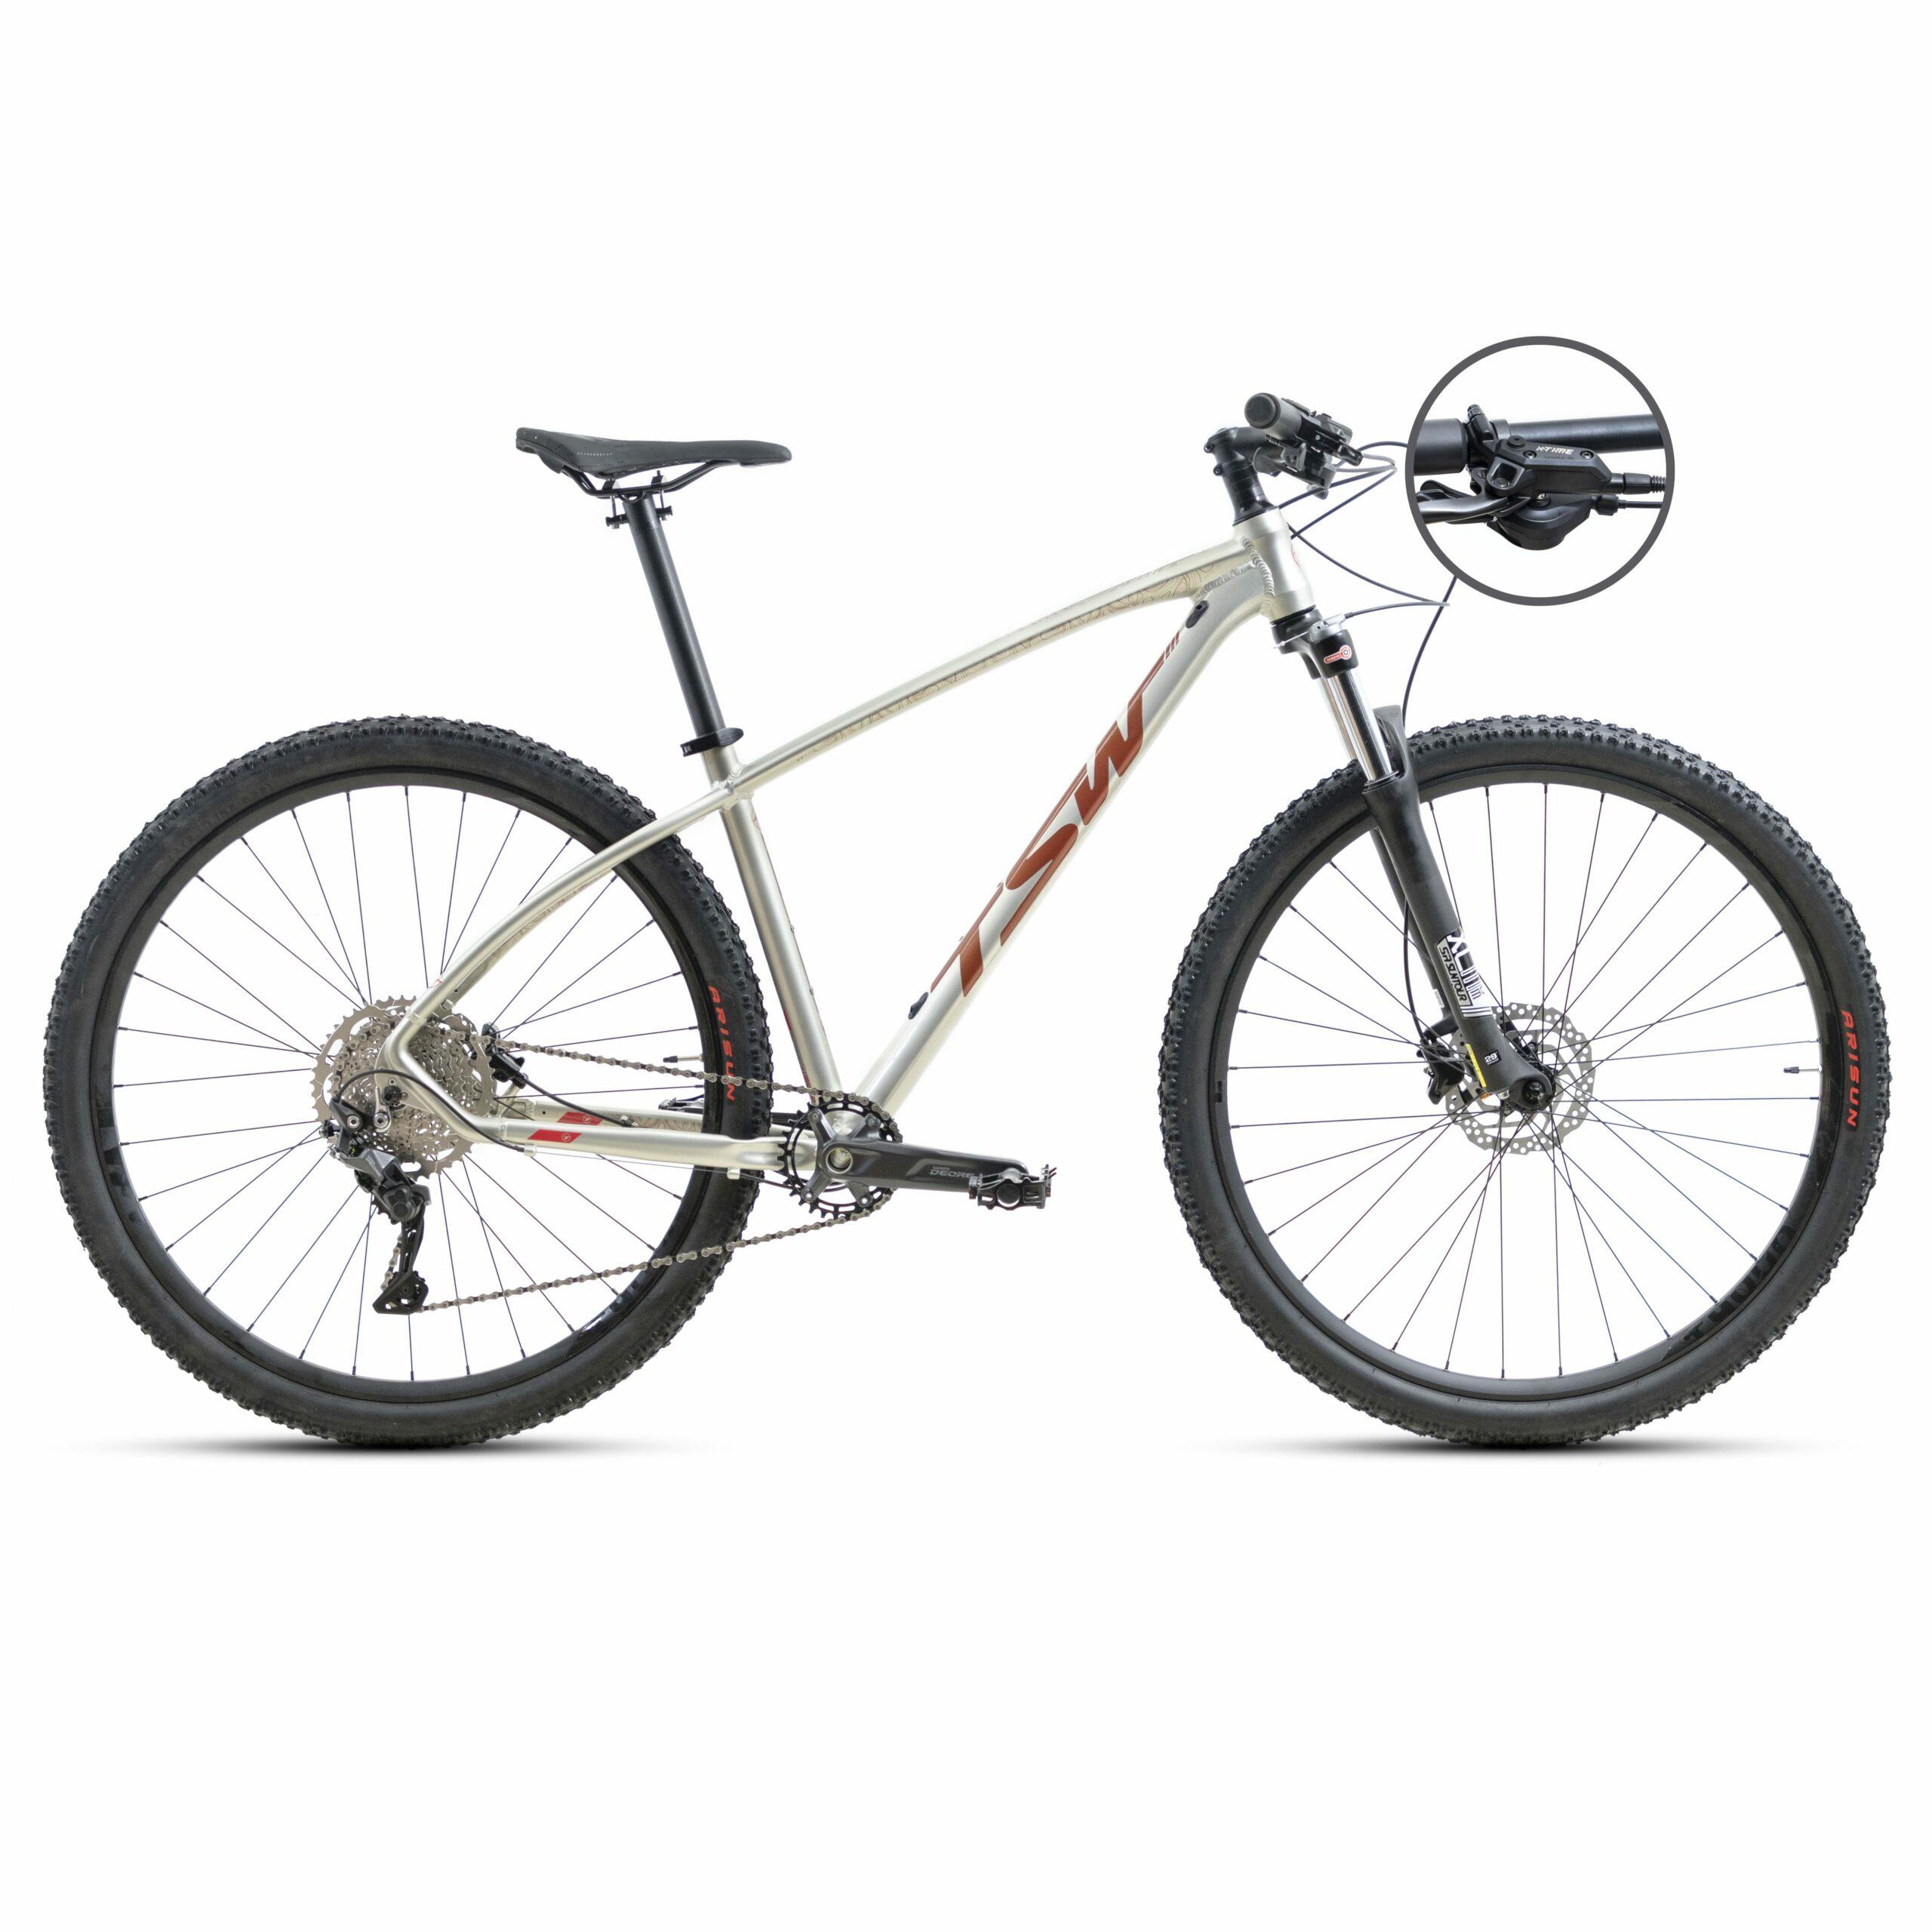 Bicicleta TSW Jump | 2021/2022 |Linha com Freios X-TIME 3